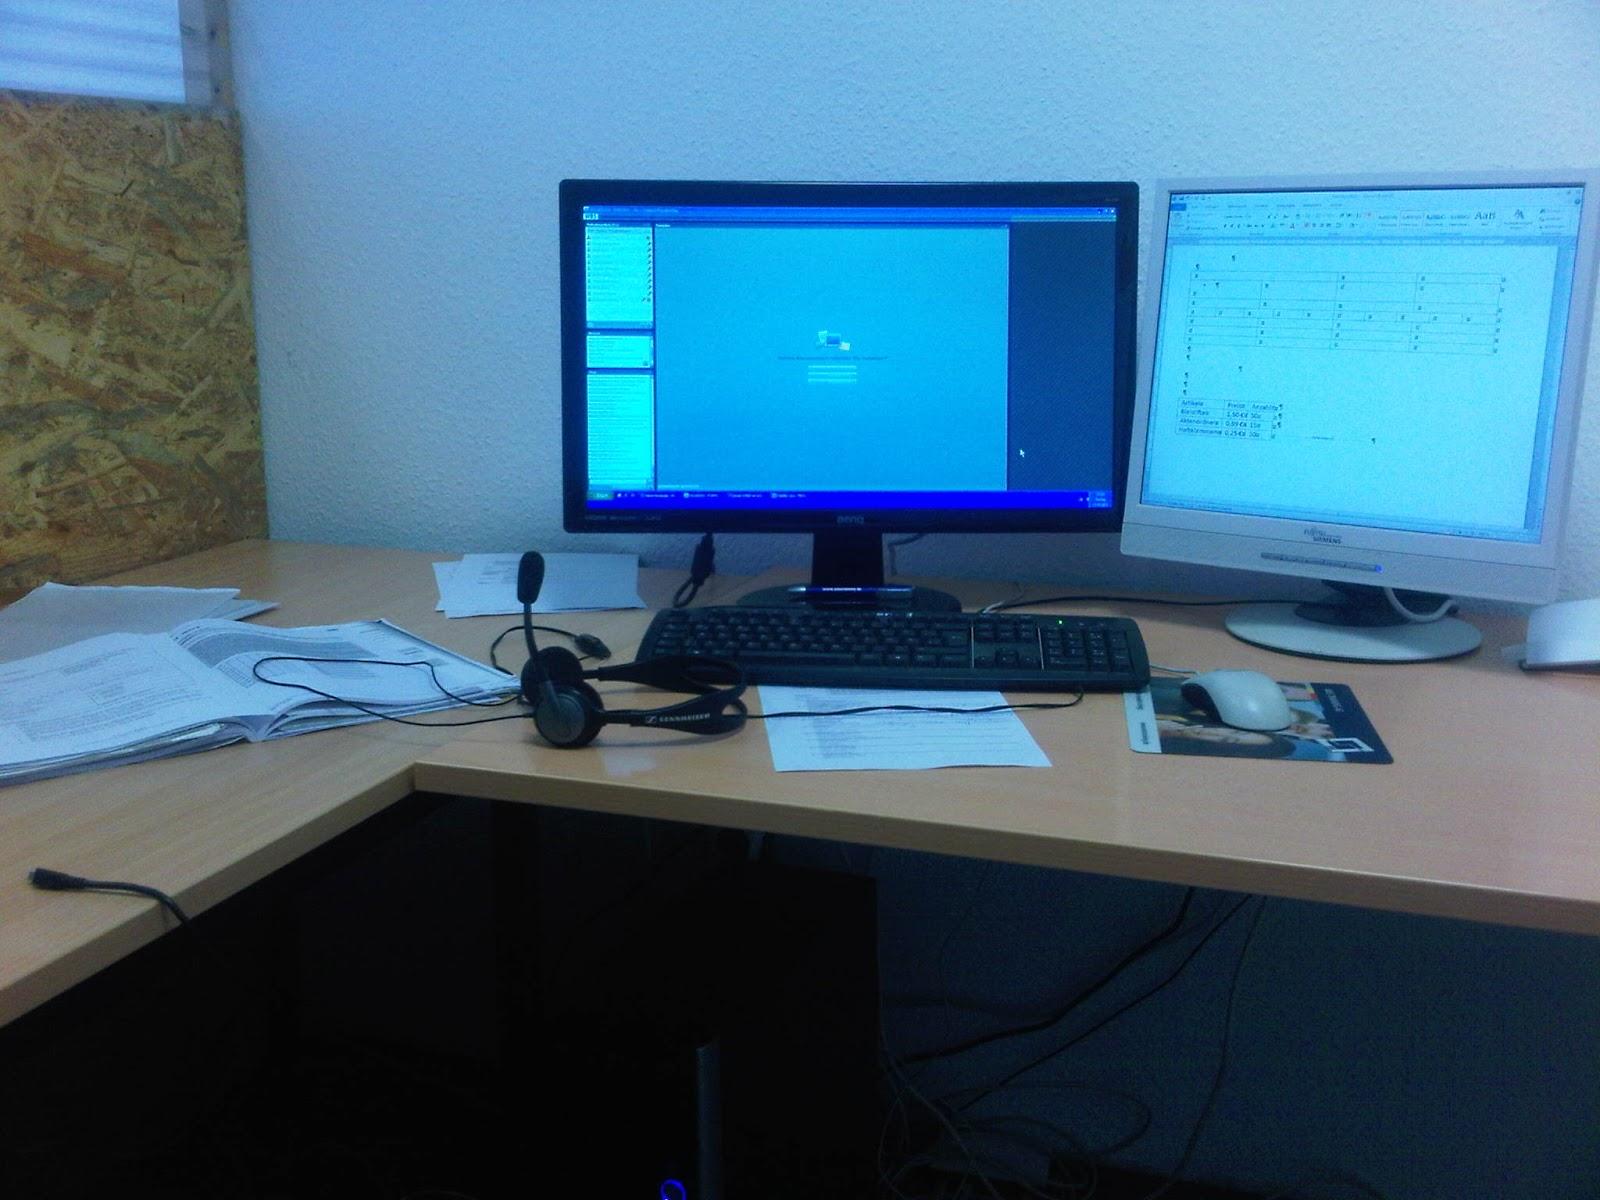 Sendeplatz Online Unterricht - Unterricht über Internet, zwei Monitore, Headset, Trennwände